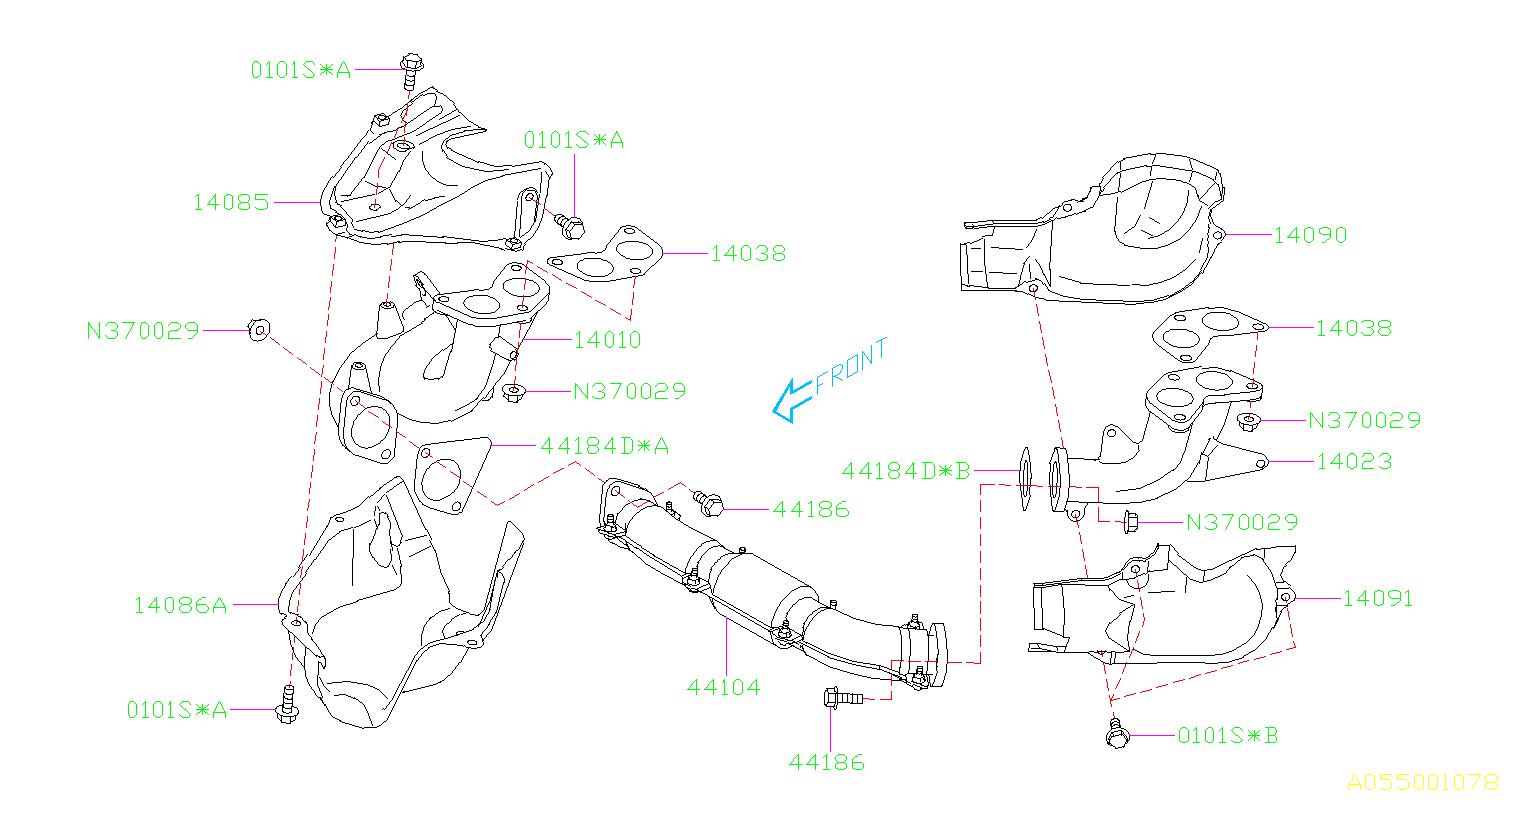 44022aa160 - Catalytic Converter Gasket